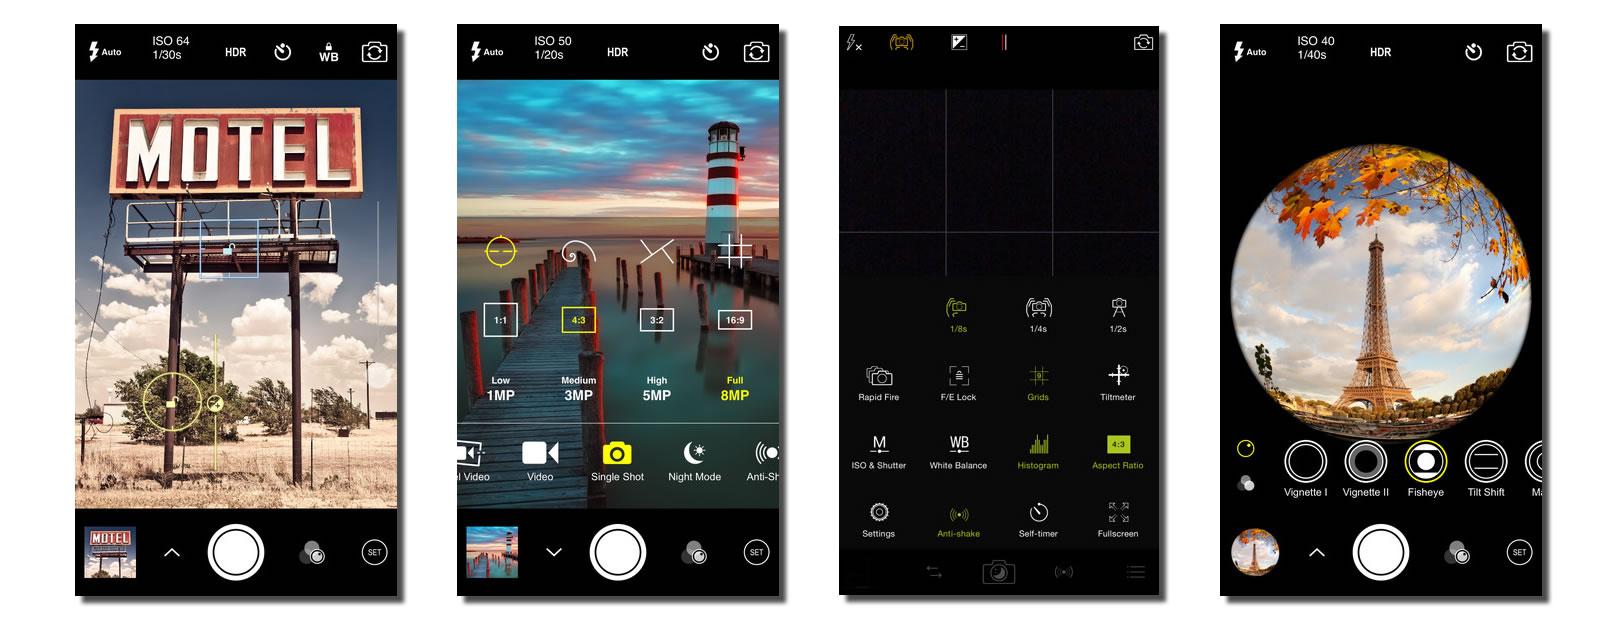 Las 5 mejores apps para editar fotos en tu iphone qore - Para disenar fotos ...